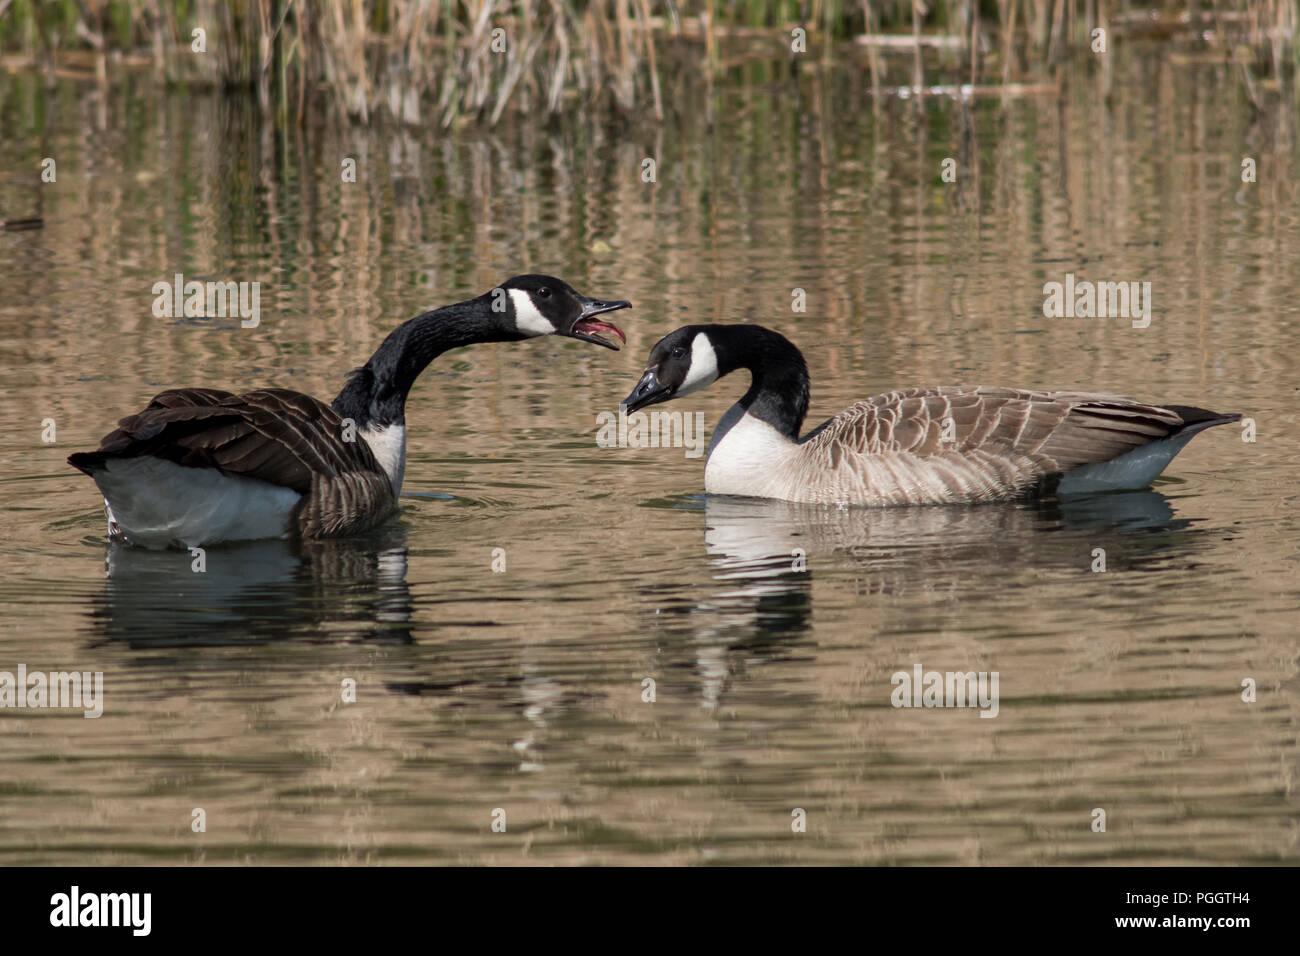 Bickering Paar schwimmen Kanadagänse, eines mit Zunge heraus hängen. Stockbild